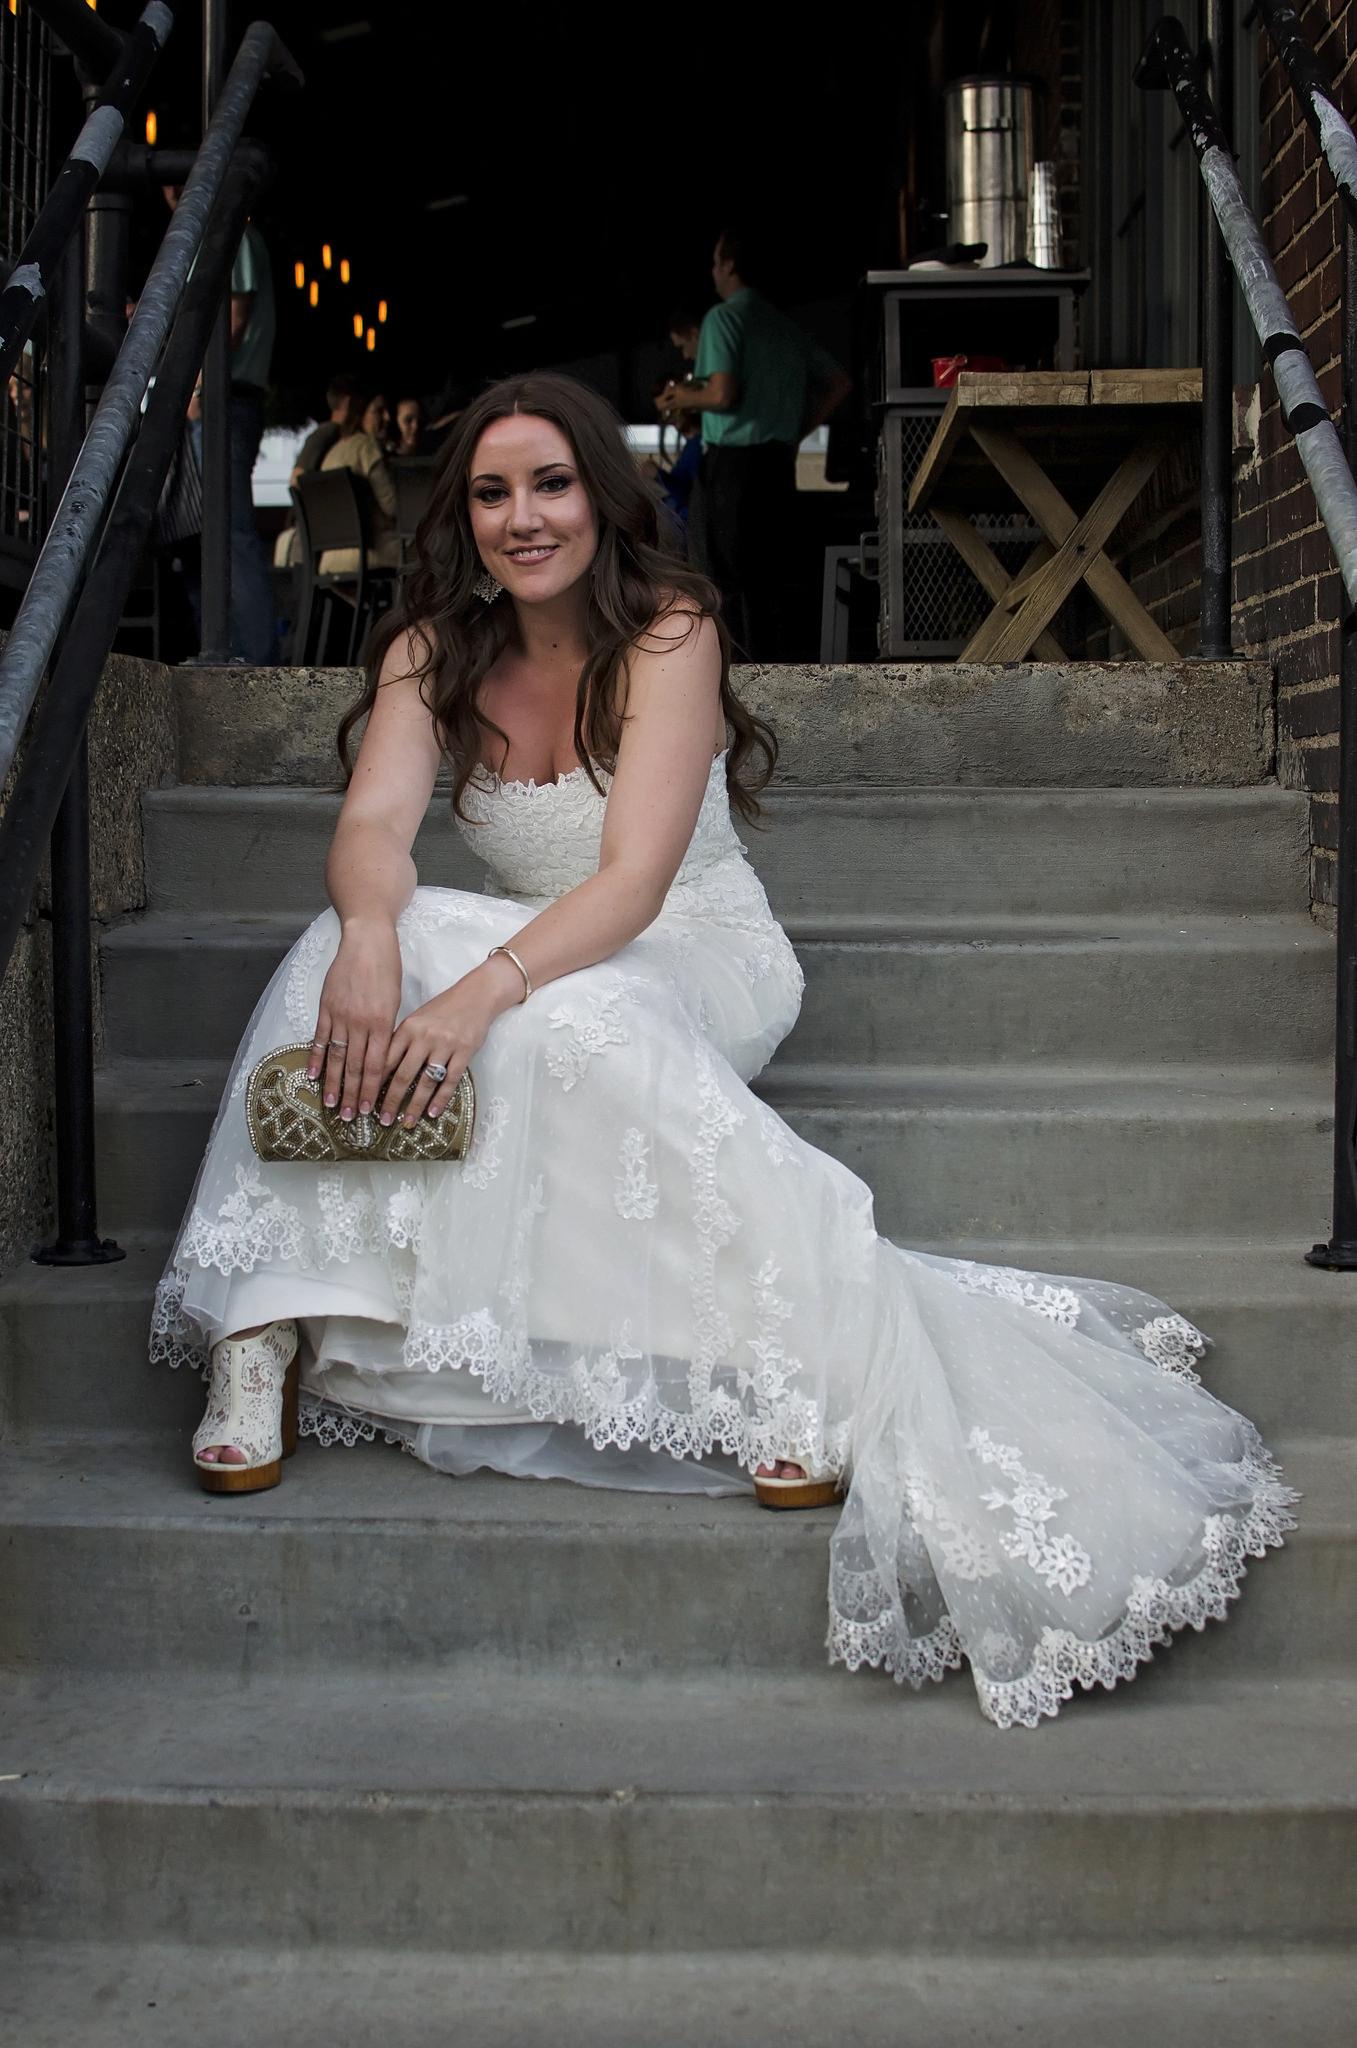 kristine_wedding_brides_spiritedtable_photo08.jpg